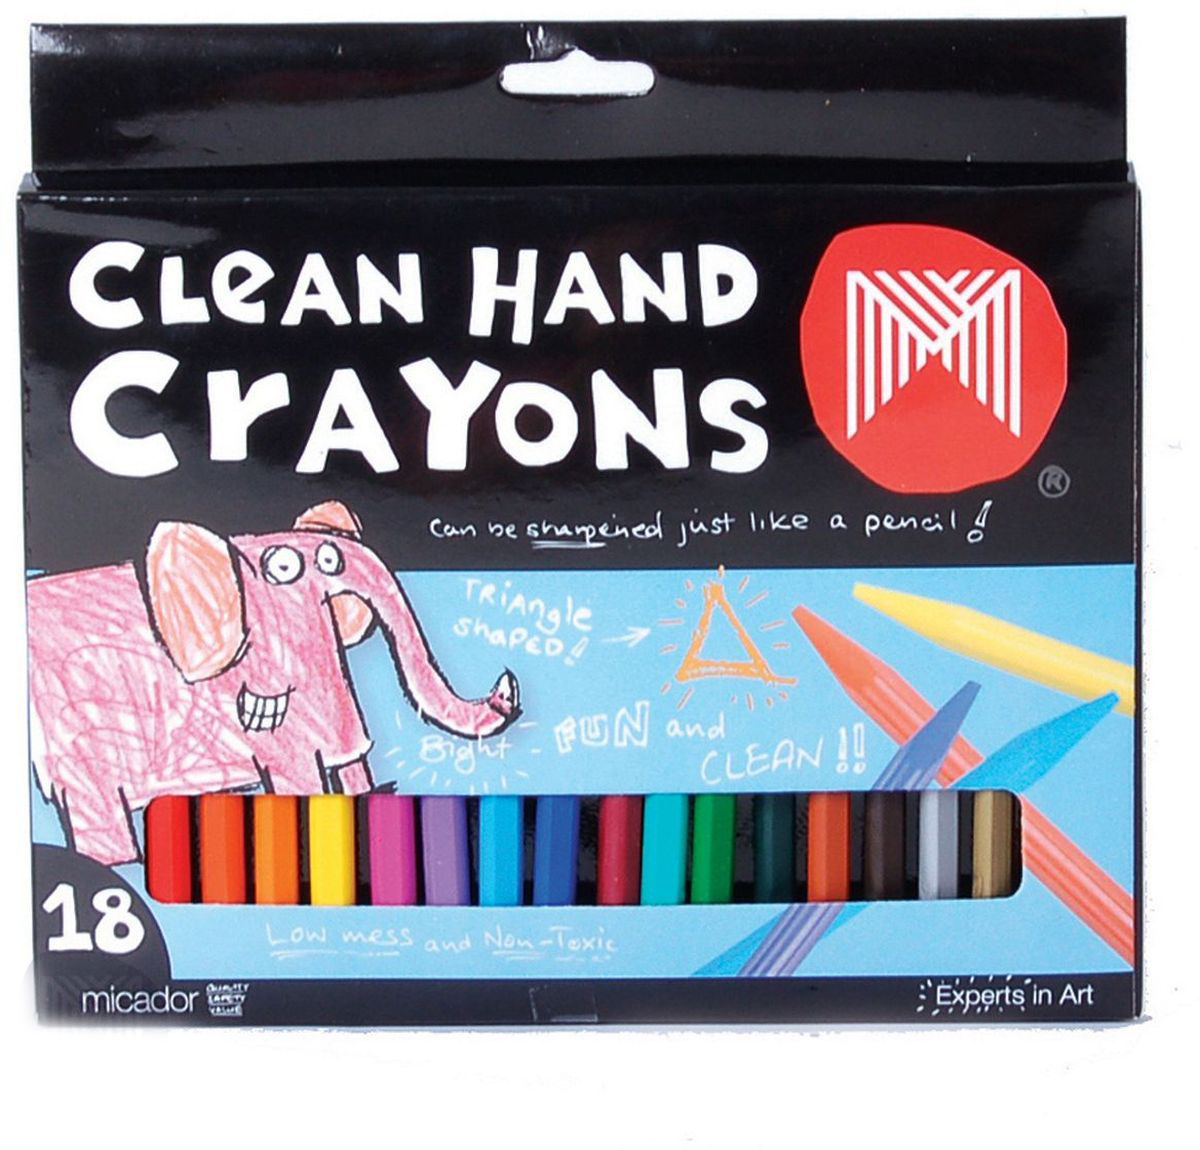 Micador Восковые мелки Чистые ручки 18 цветовCTP1818 ярких безопасных мелков Micador всех цветов радуги для бесконечных часов веселья и радости маленьких художников. Трёхгранные -специально для малышей, чтобы учиться правильно держать. Ручки малыша не испачкаются, ведь мелки изготовлены по запатентованной технологии Чистые ручки. Мелки можно точить как карандаши. Мелки с пониженным выделением пыли, не рассыпаются, легко смываются водой, что обязательно оценят родители.Гипоаллергенные, не содержат токсичных веществ, полностью безопасны для маленьких детей. 100% перерабатываемая упаковка. Рисование развивает творческие способности, воображение, логику, память, мышление.9 Австралийский бренд Micador - эксперт в товарах для детского творчества с 1954 года.Пусть мир вашего ребенка будет ярким и безопасным!